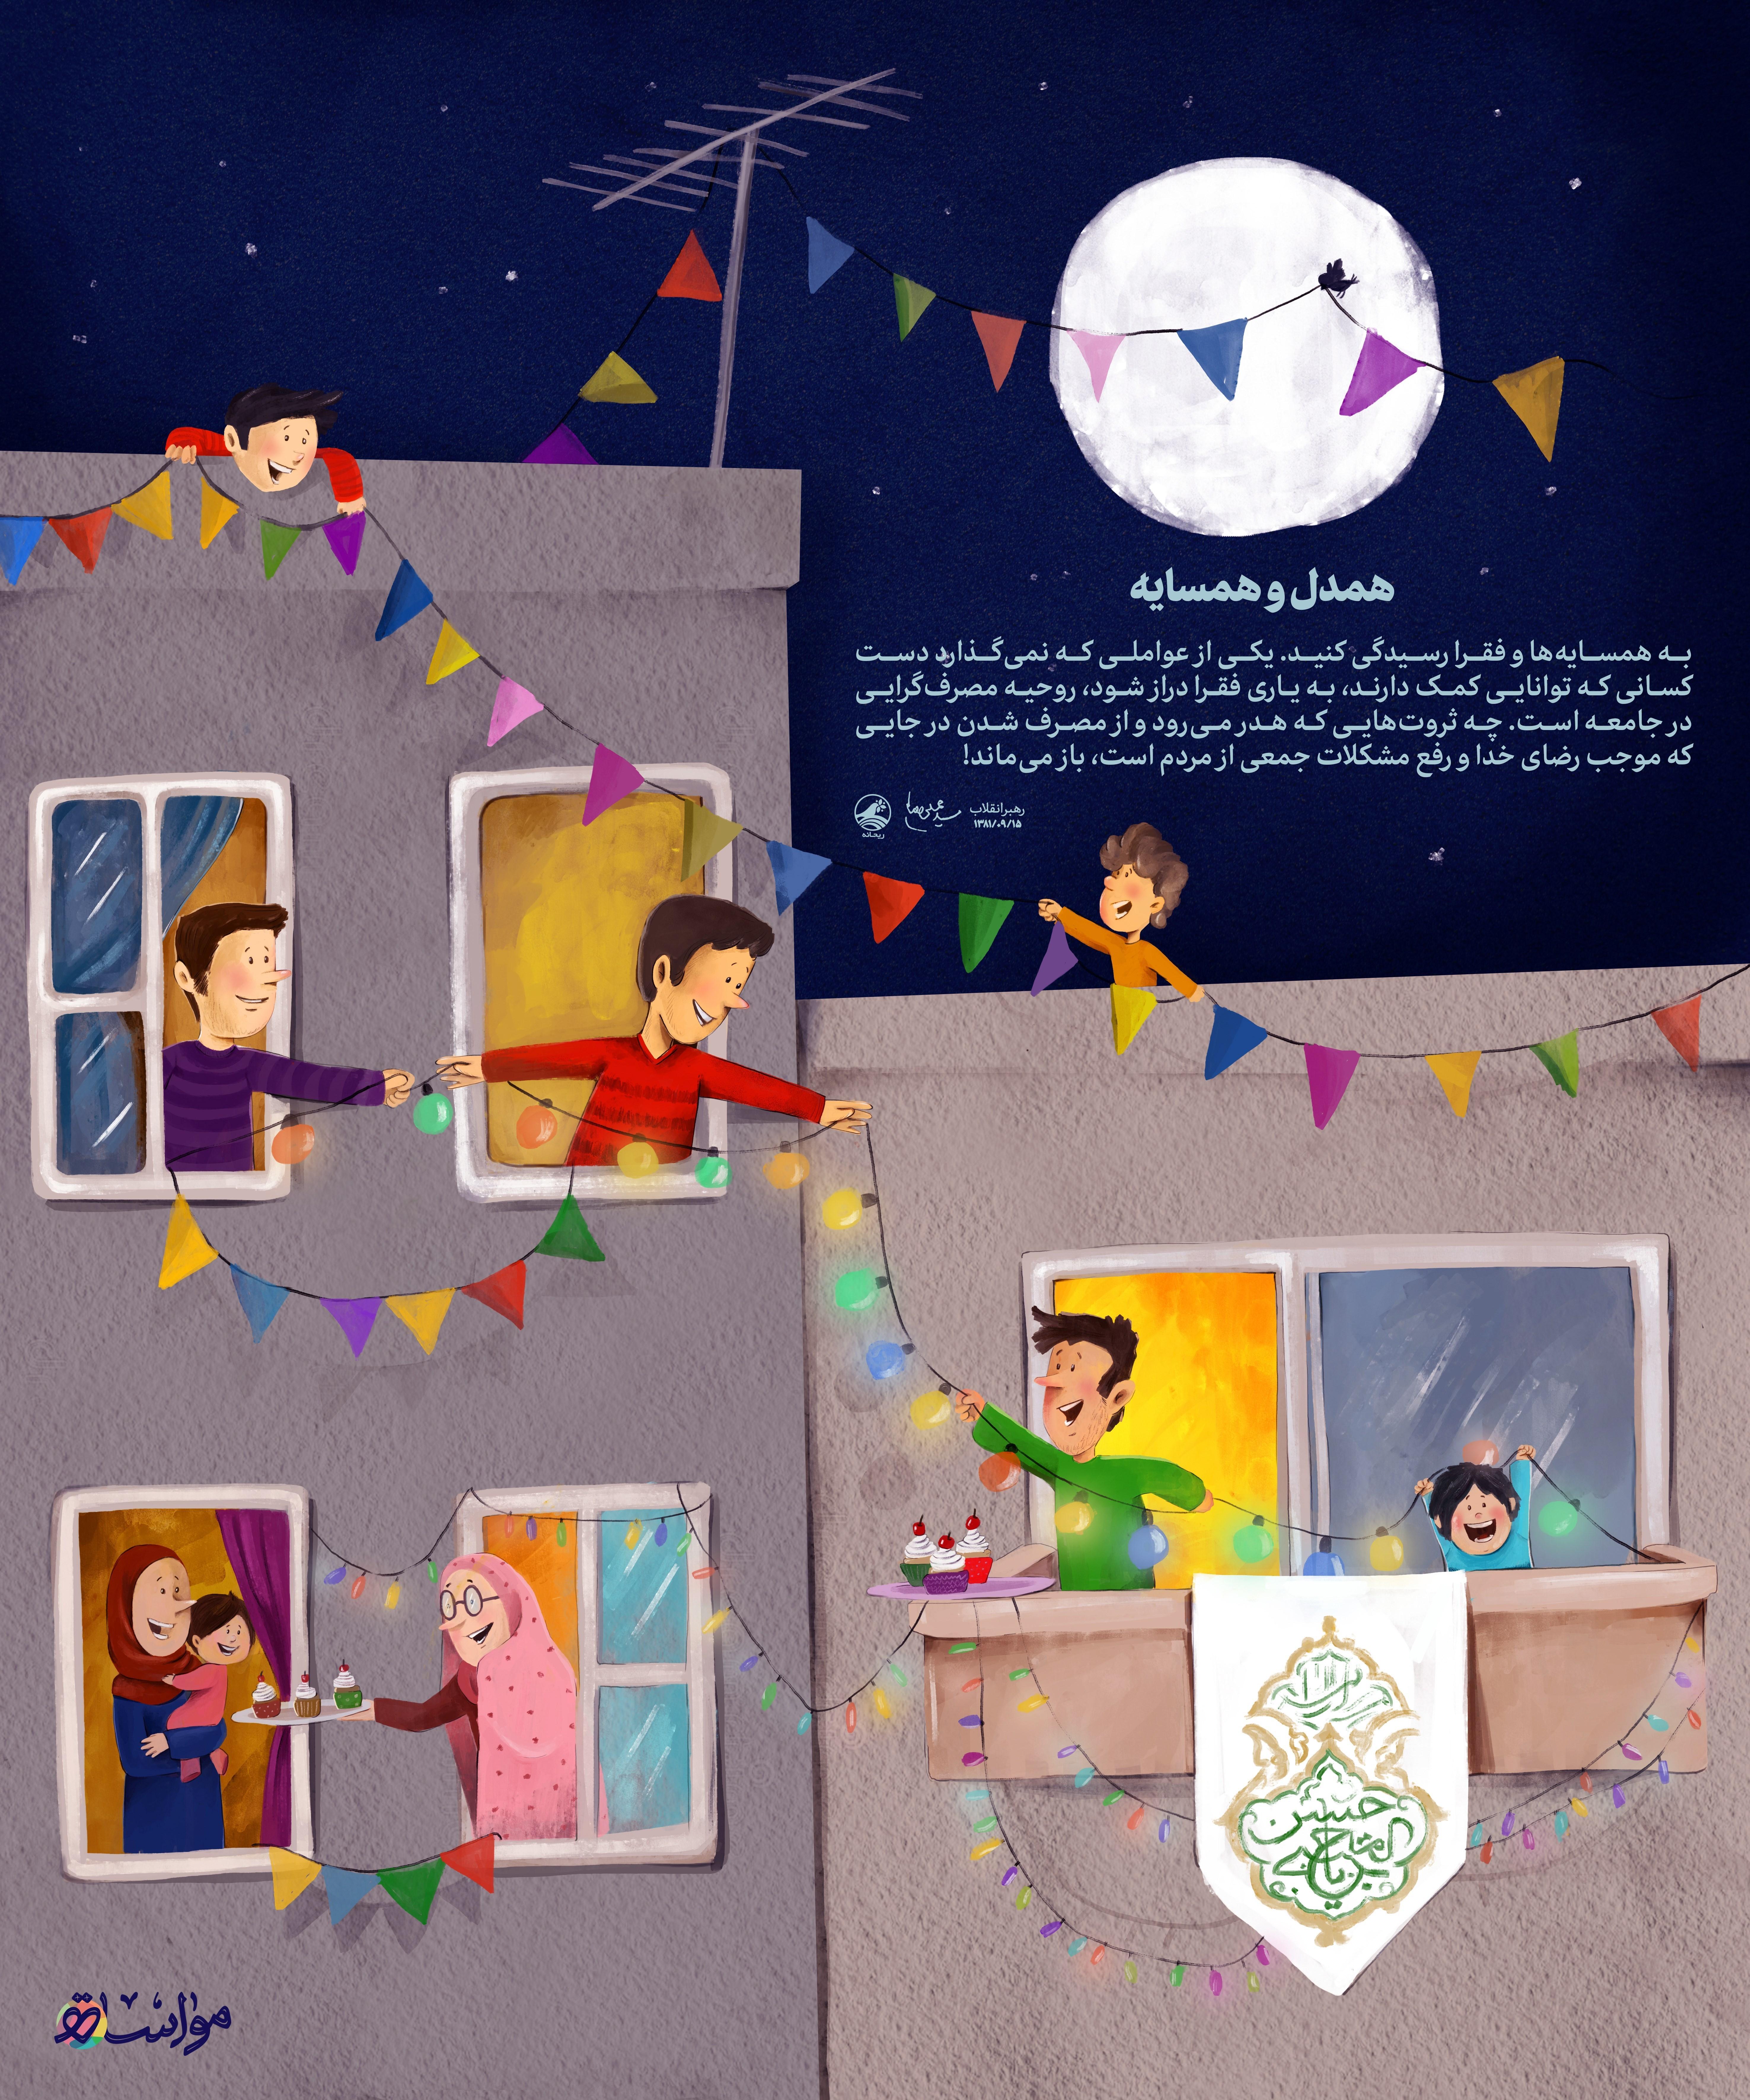 امام خامنهای ، فقر ، ماه مبارک رمضان ،